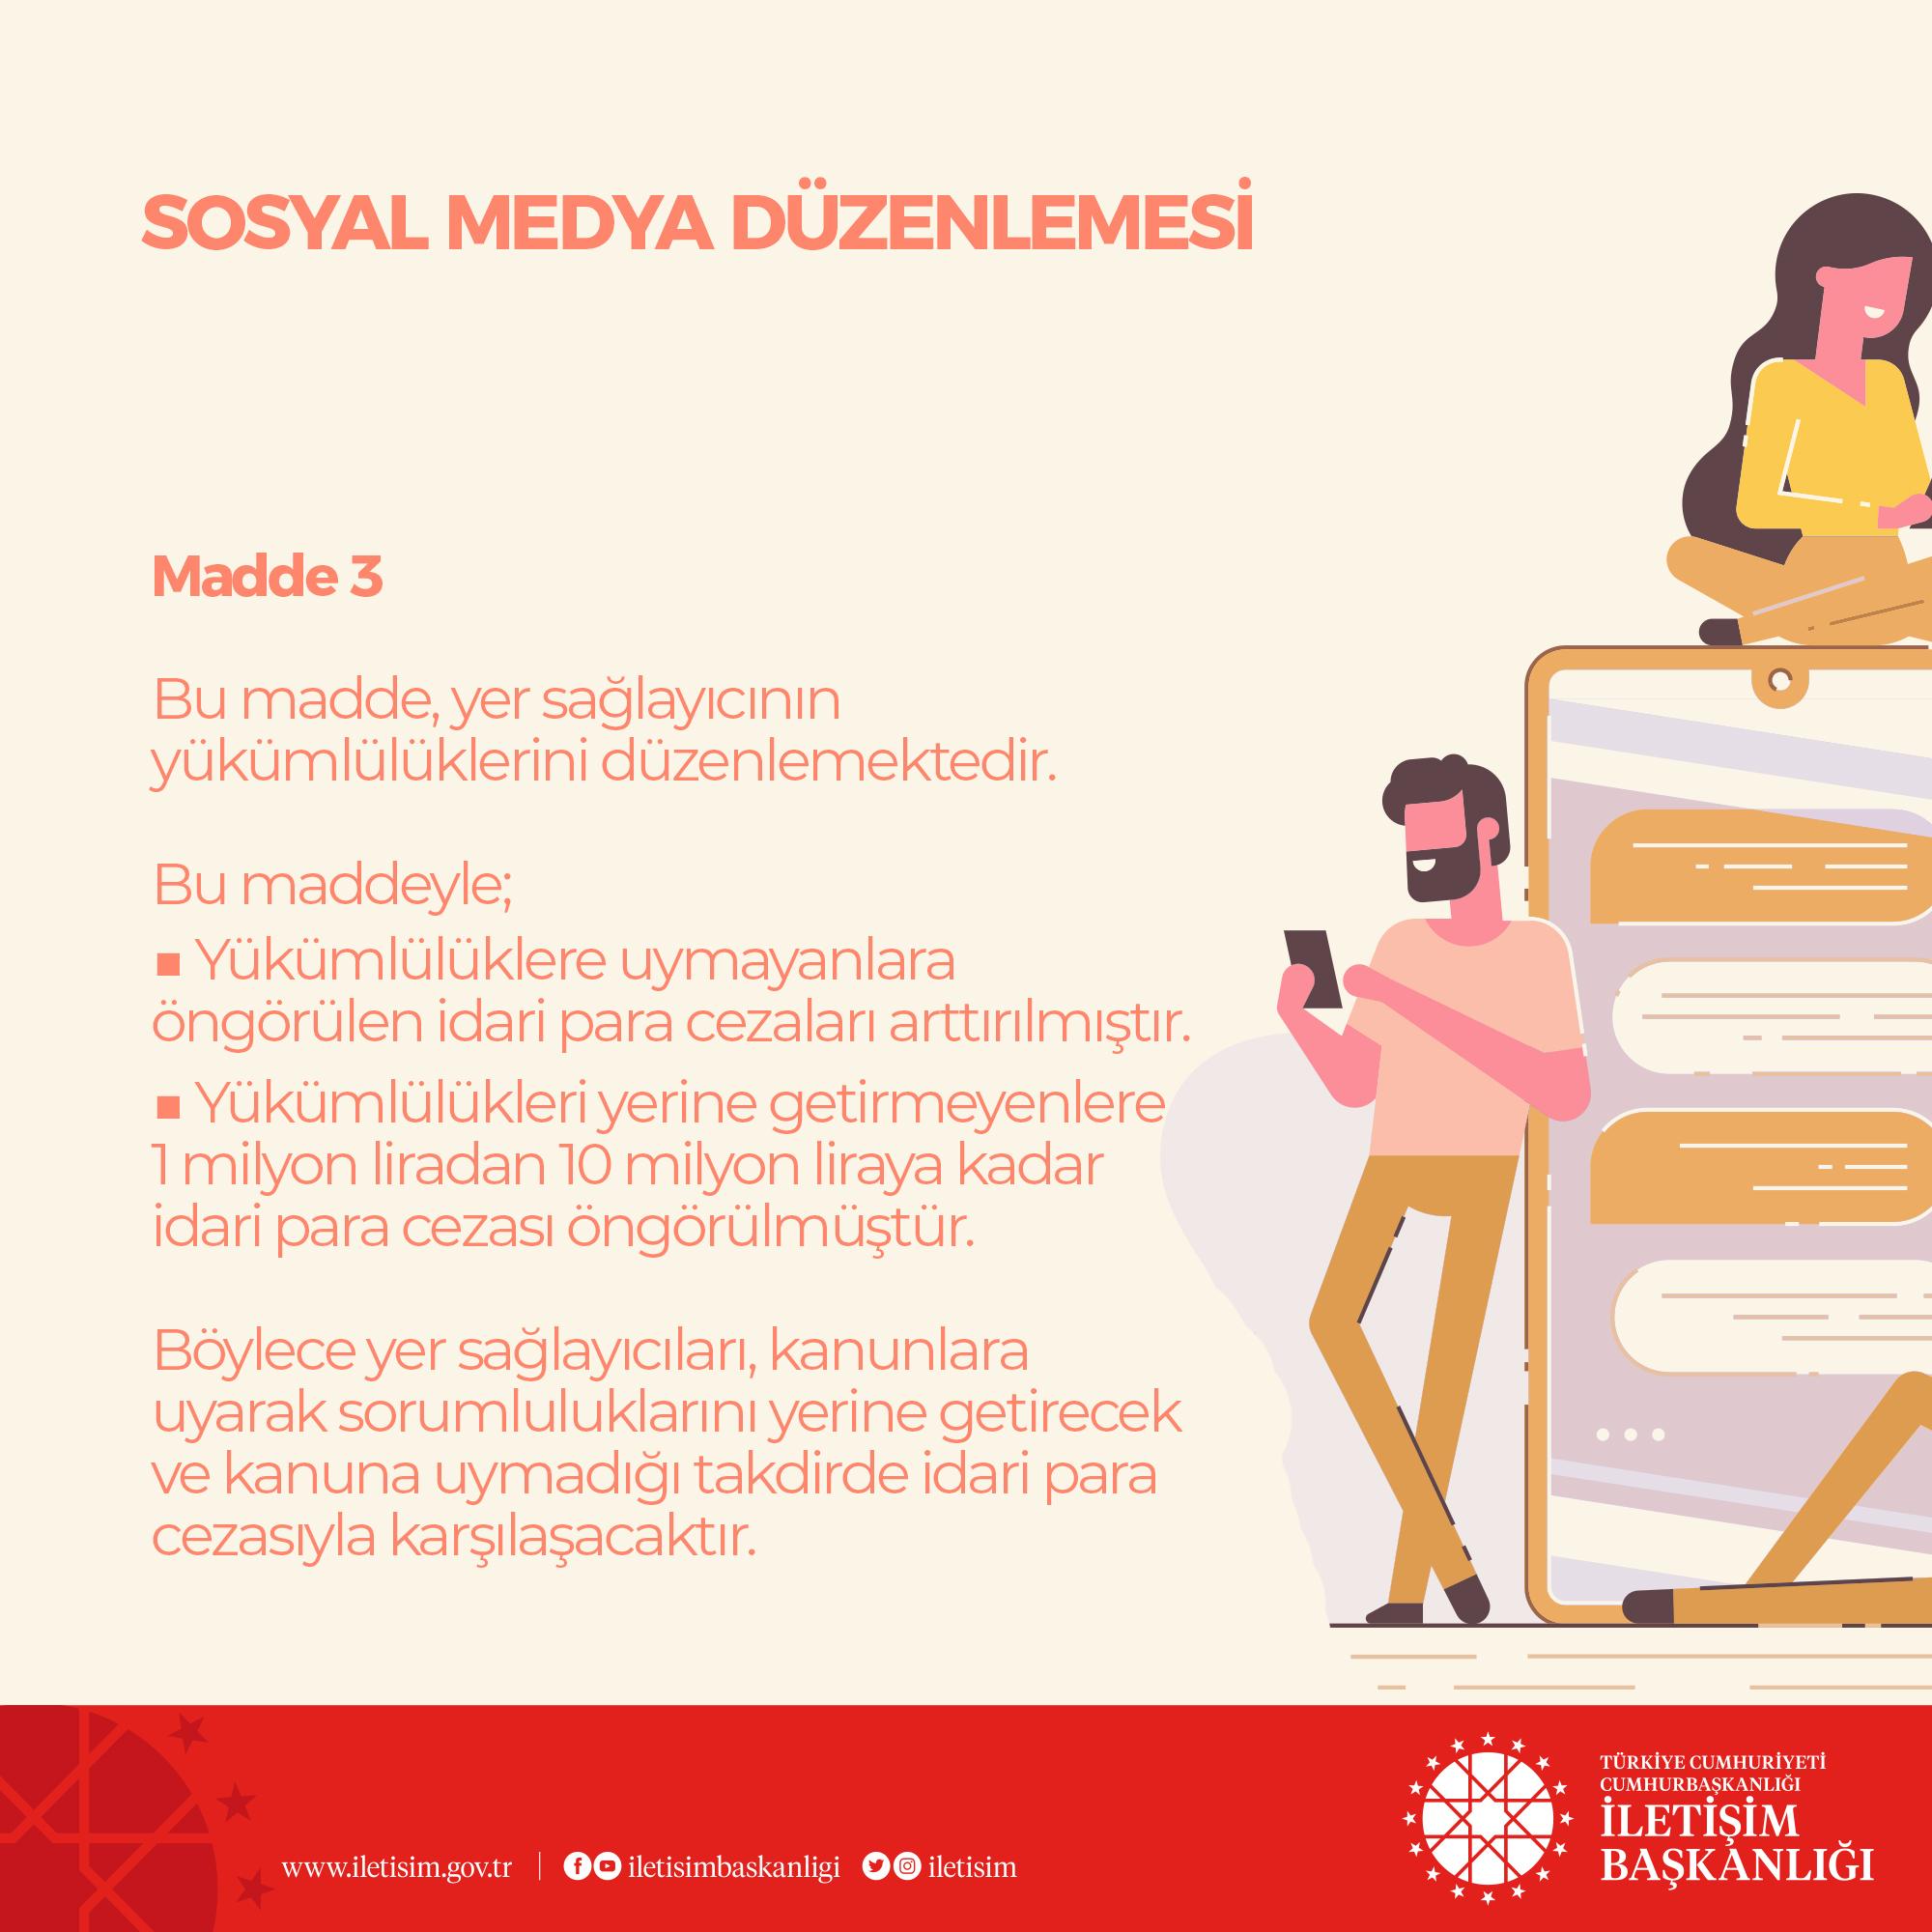 İletişim Başkanlığı, sosyal medya düzenlemesini anlattı #3